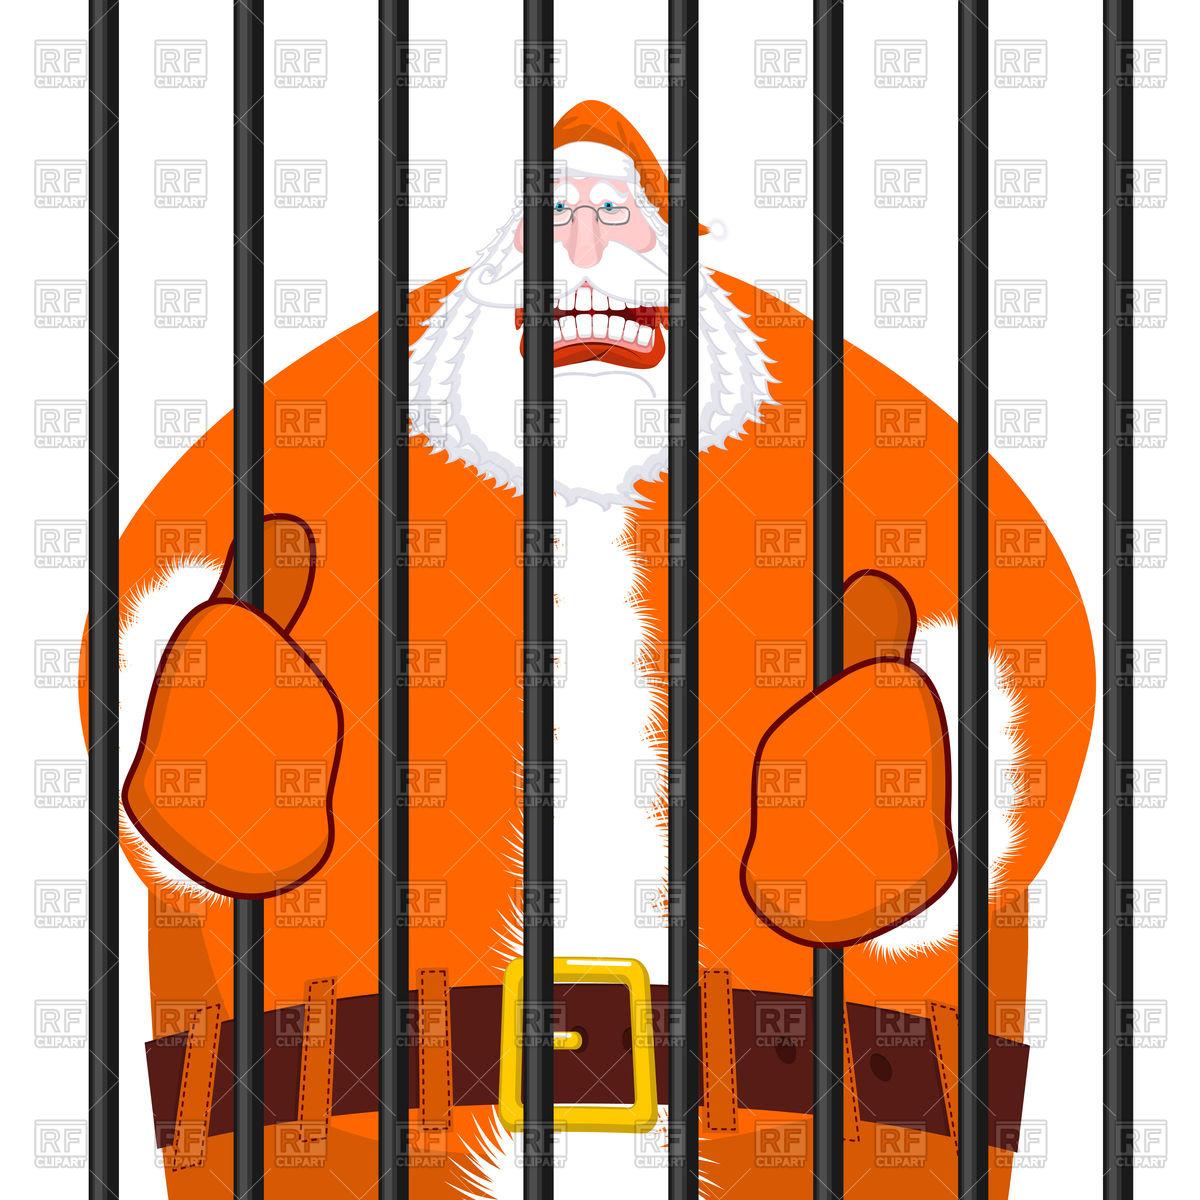 1200x1200 Santa Claus In Orange Prisoner Clothing, Bad Santa In Prison